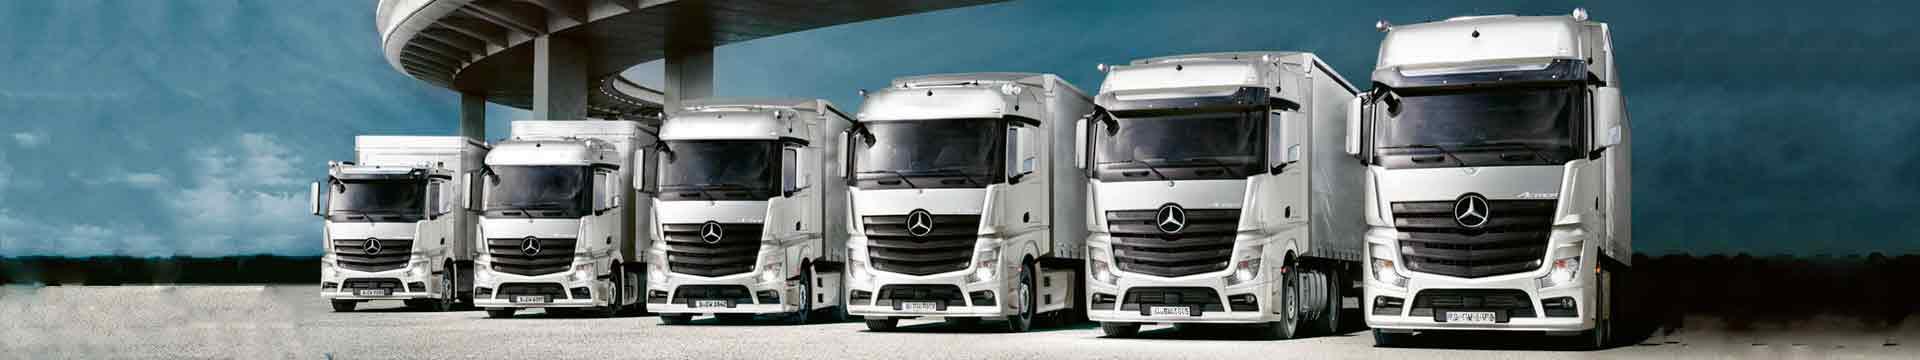 Модельный ряд грузовиков Мерседес